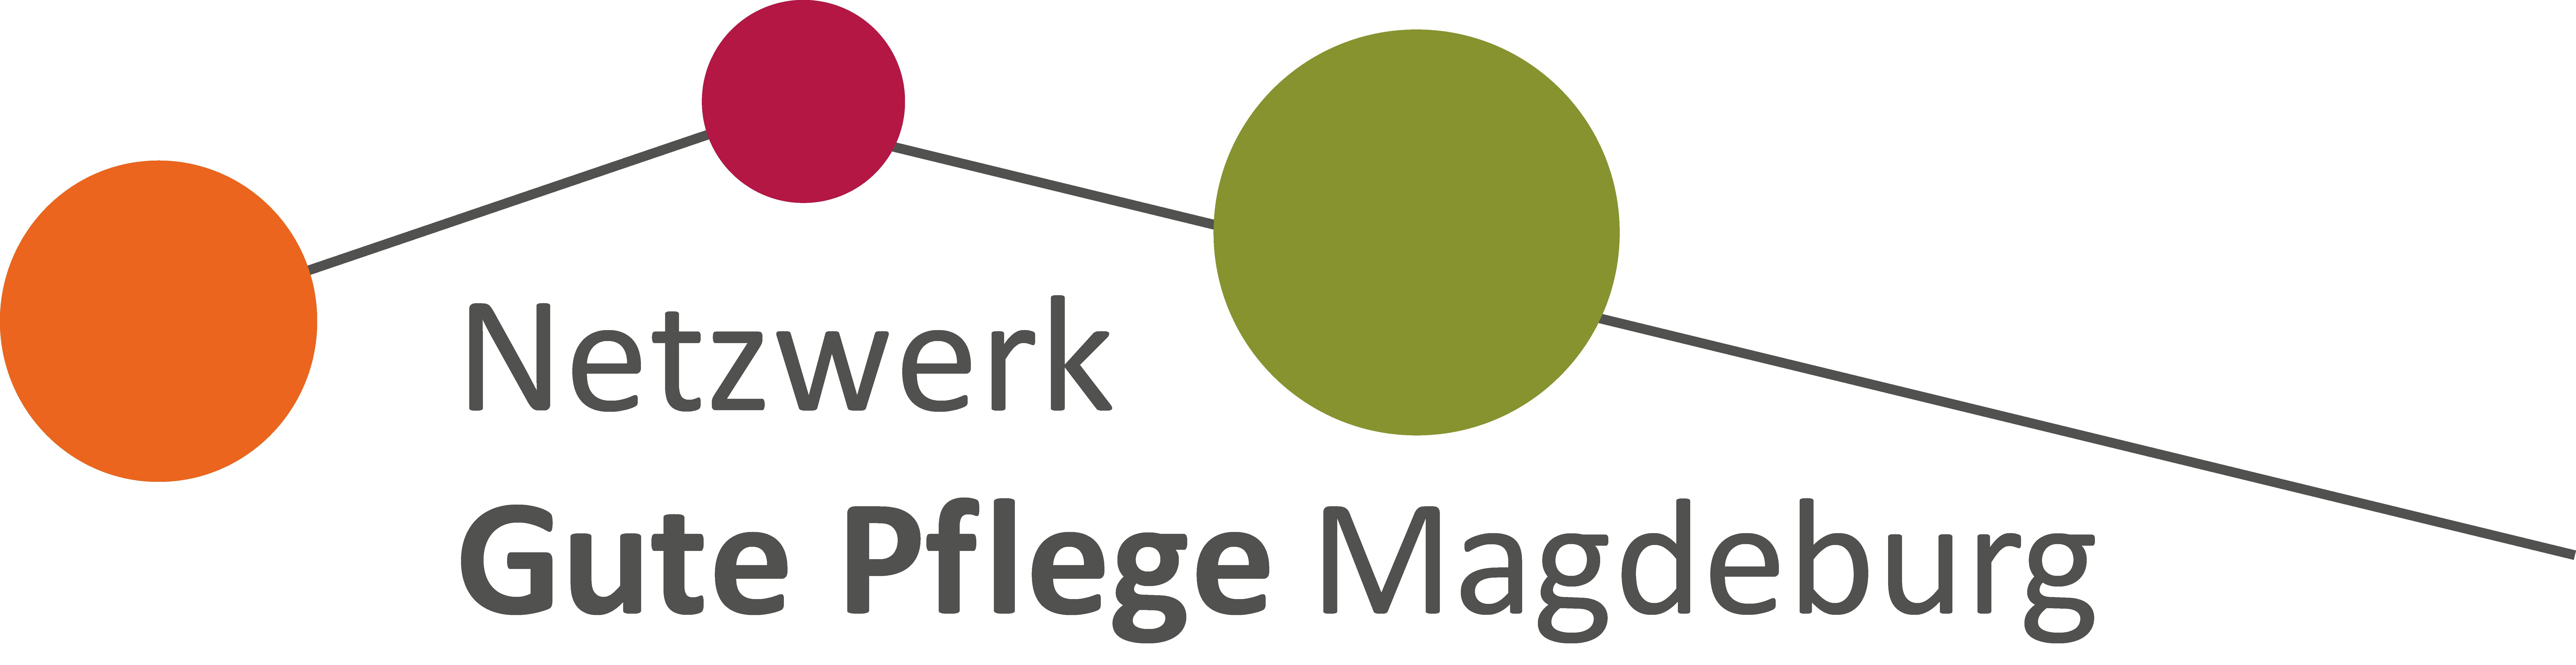 Netzwerk Gute Pflege Magdeburg